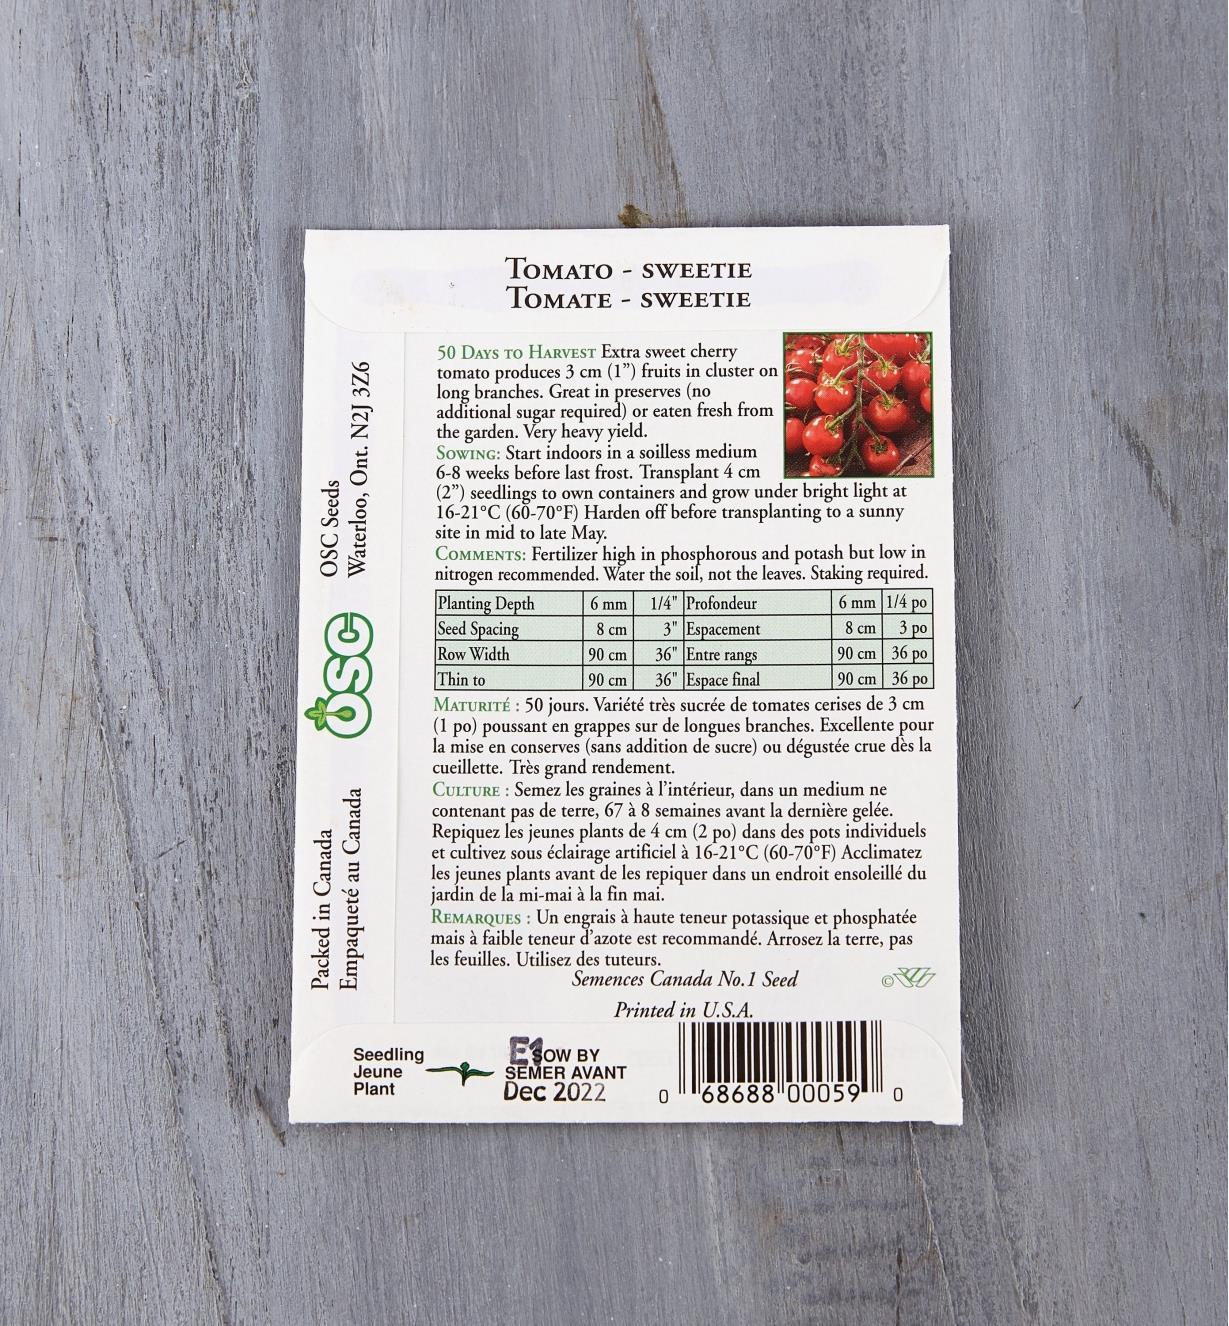 SD121 - Tomato, Sweetie